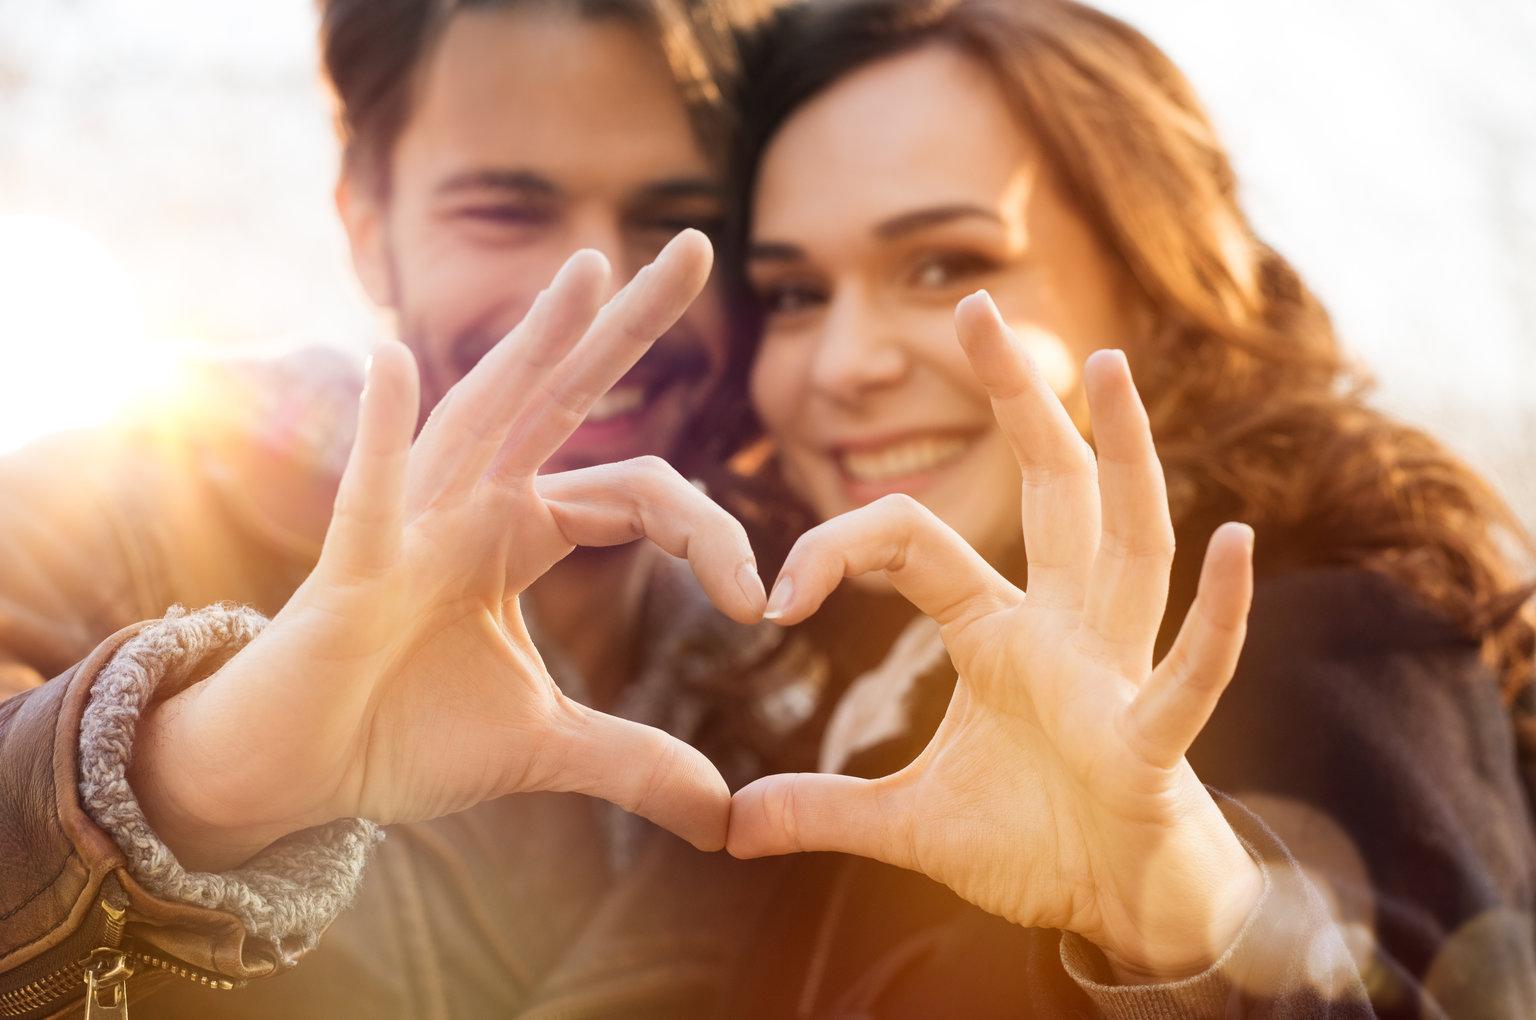 Отношения «на грани»: как восстановить доверие друг к другу